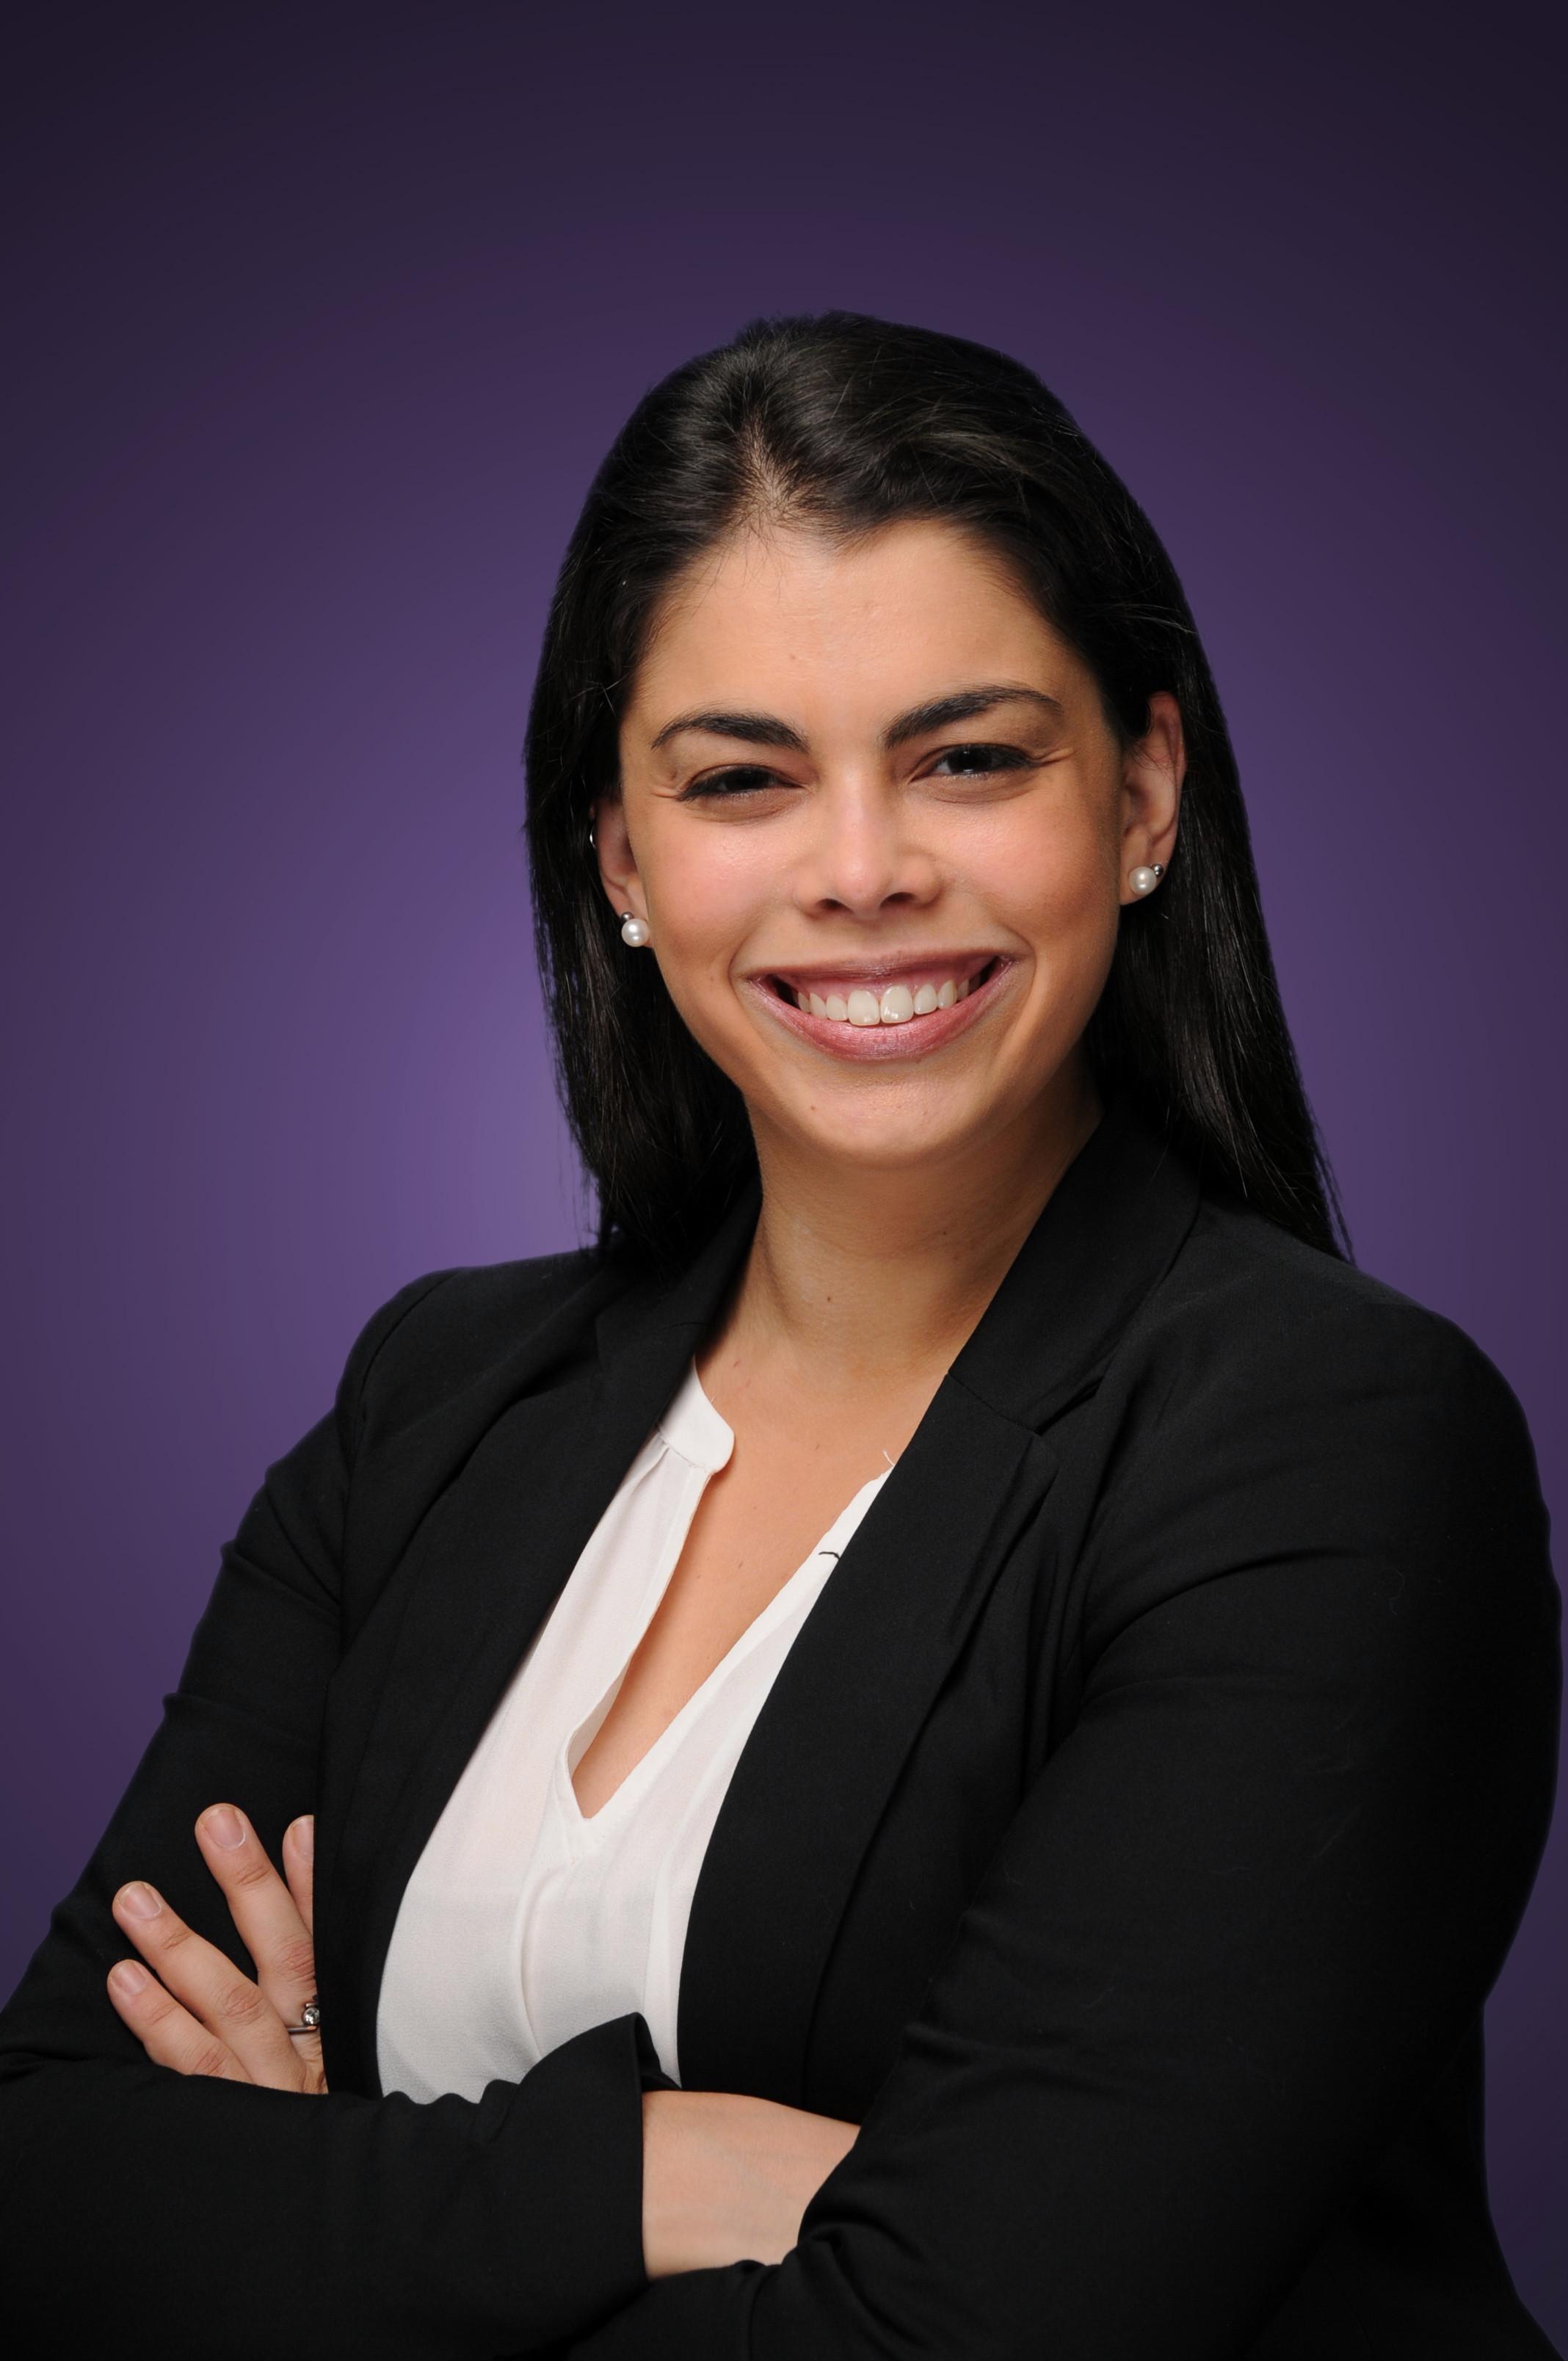 Gina Borden, Class of 2020